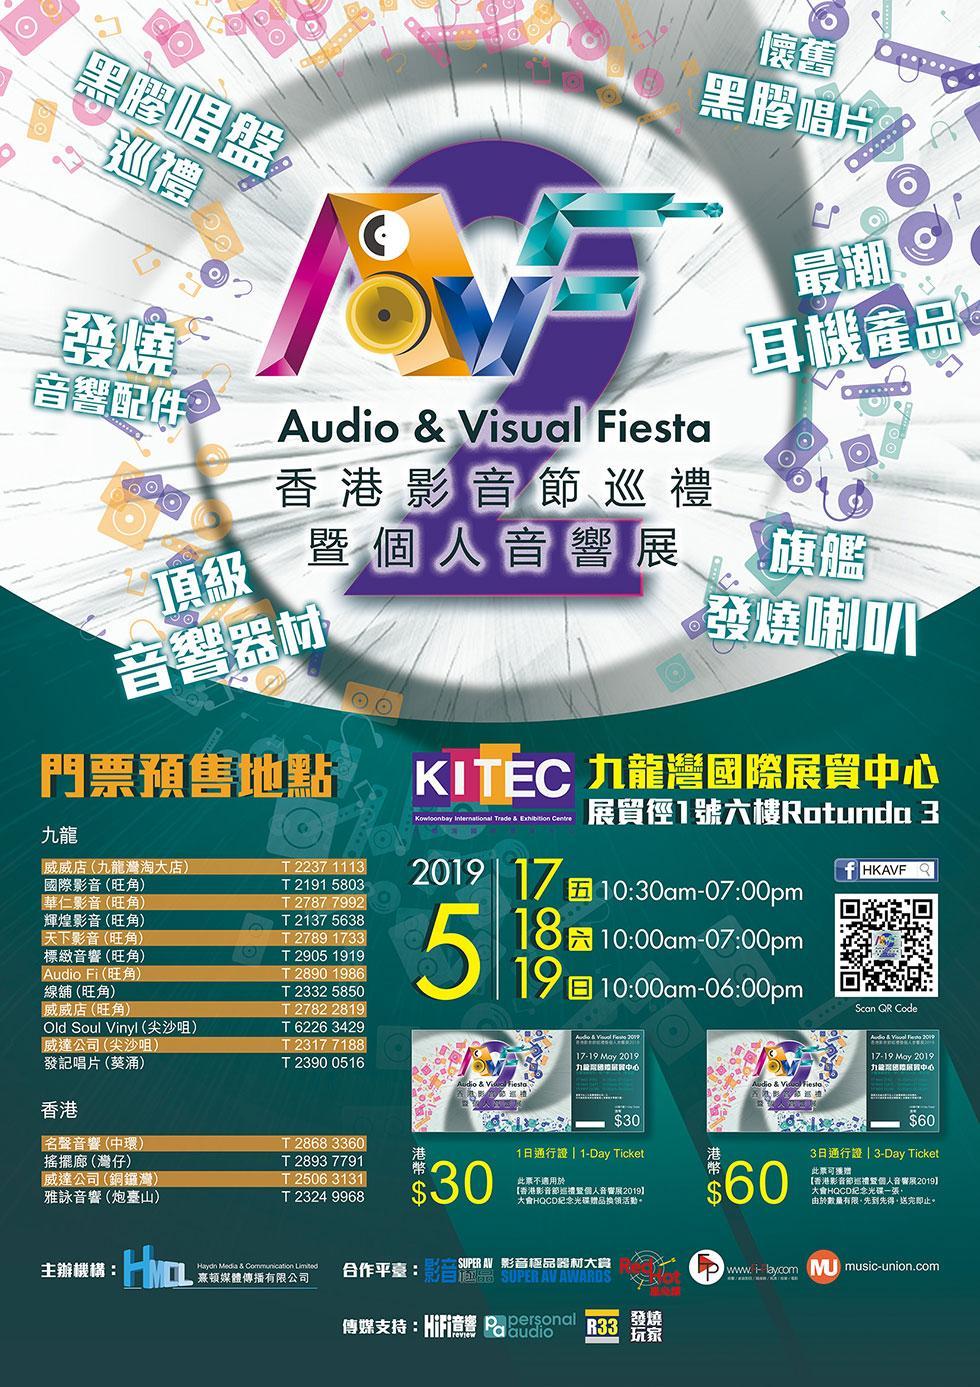 《香港影音節巡禮暨個人音響展 2019》x review33.com 送出 100 張 1 日通行證